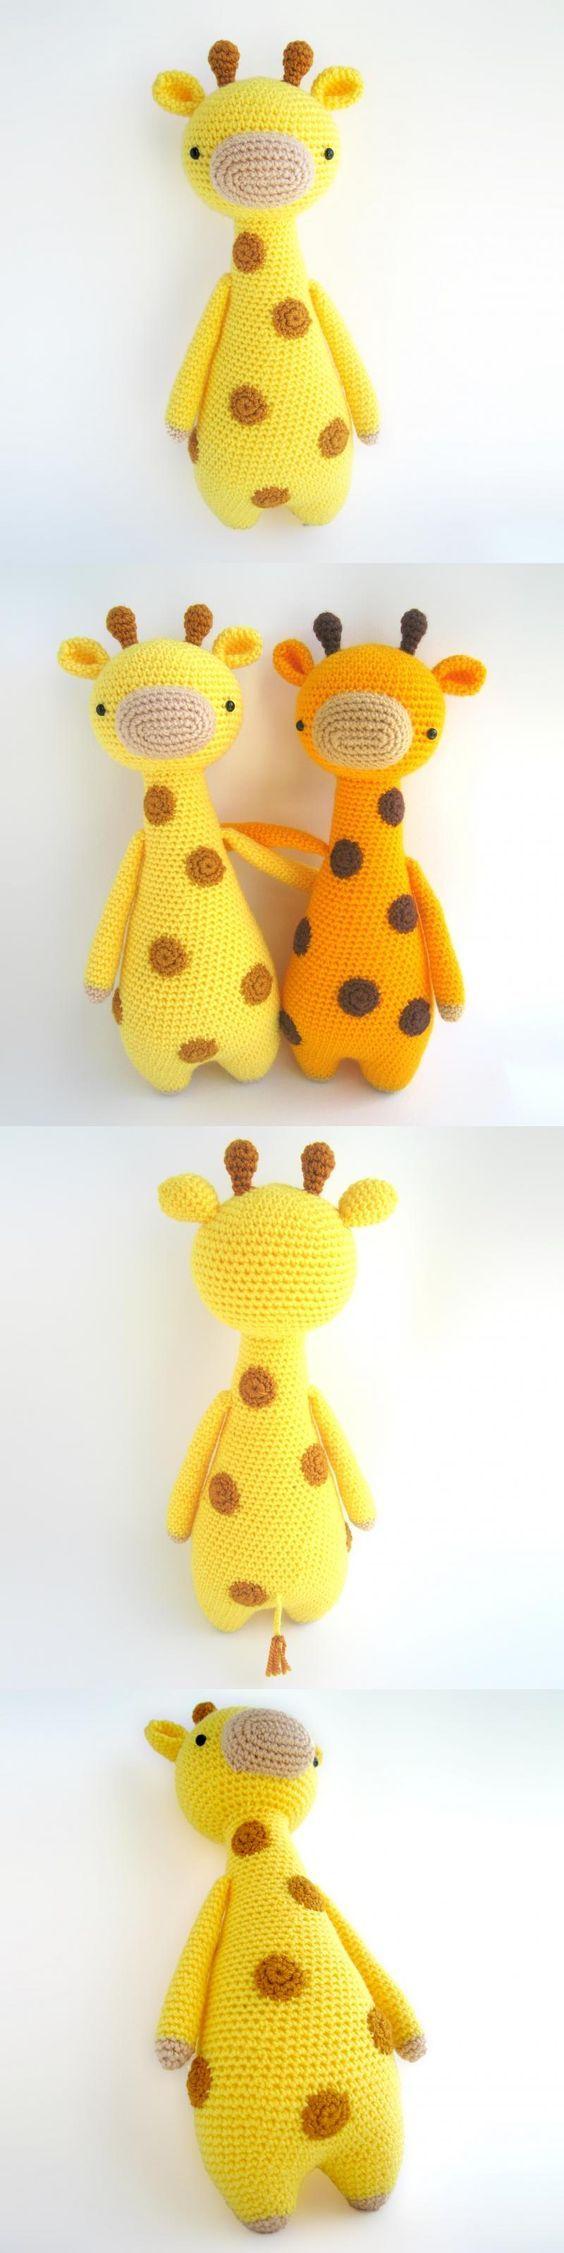 Tall giraffe with spots amigurumi pattern by Little Bear Crochet ...